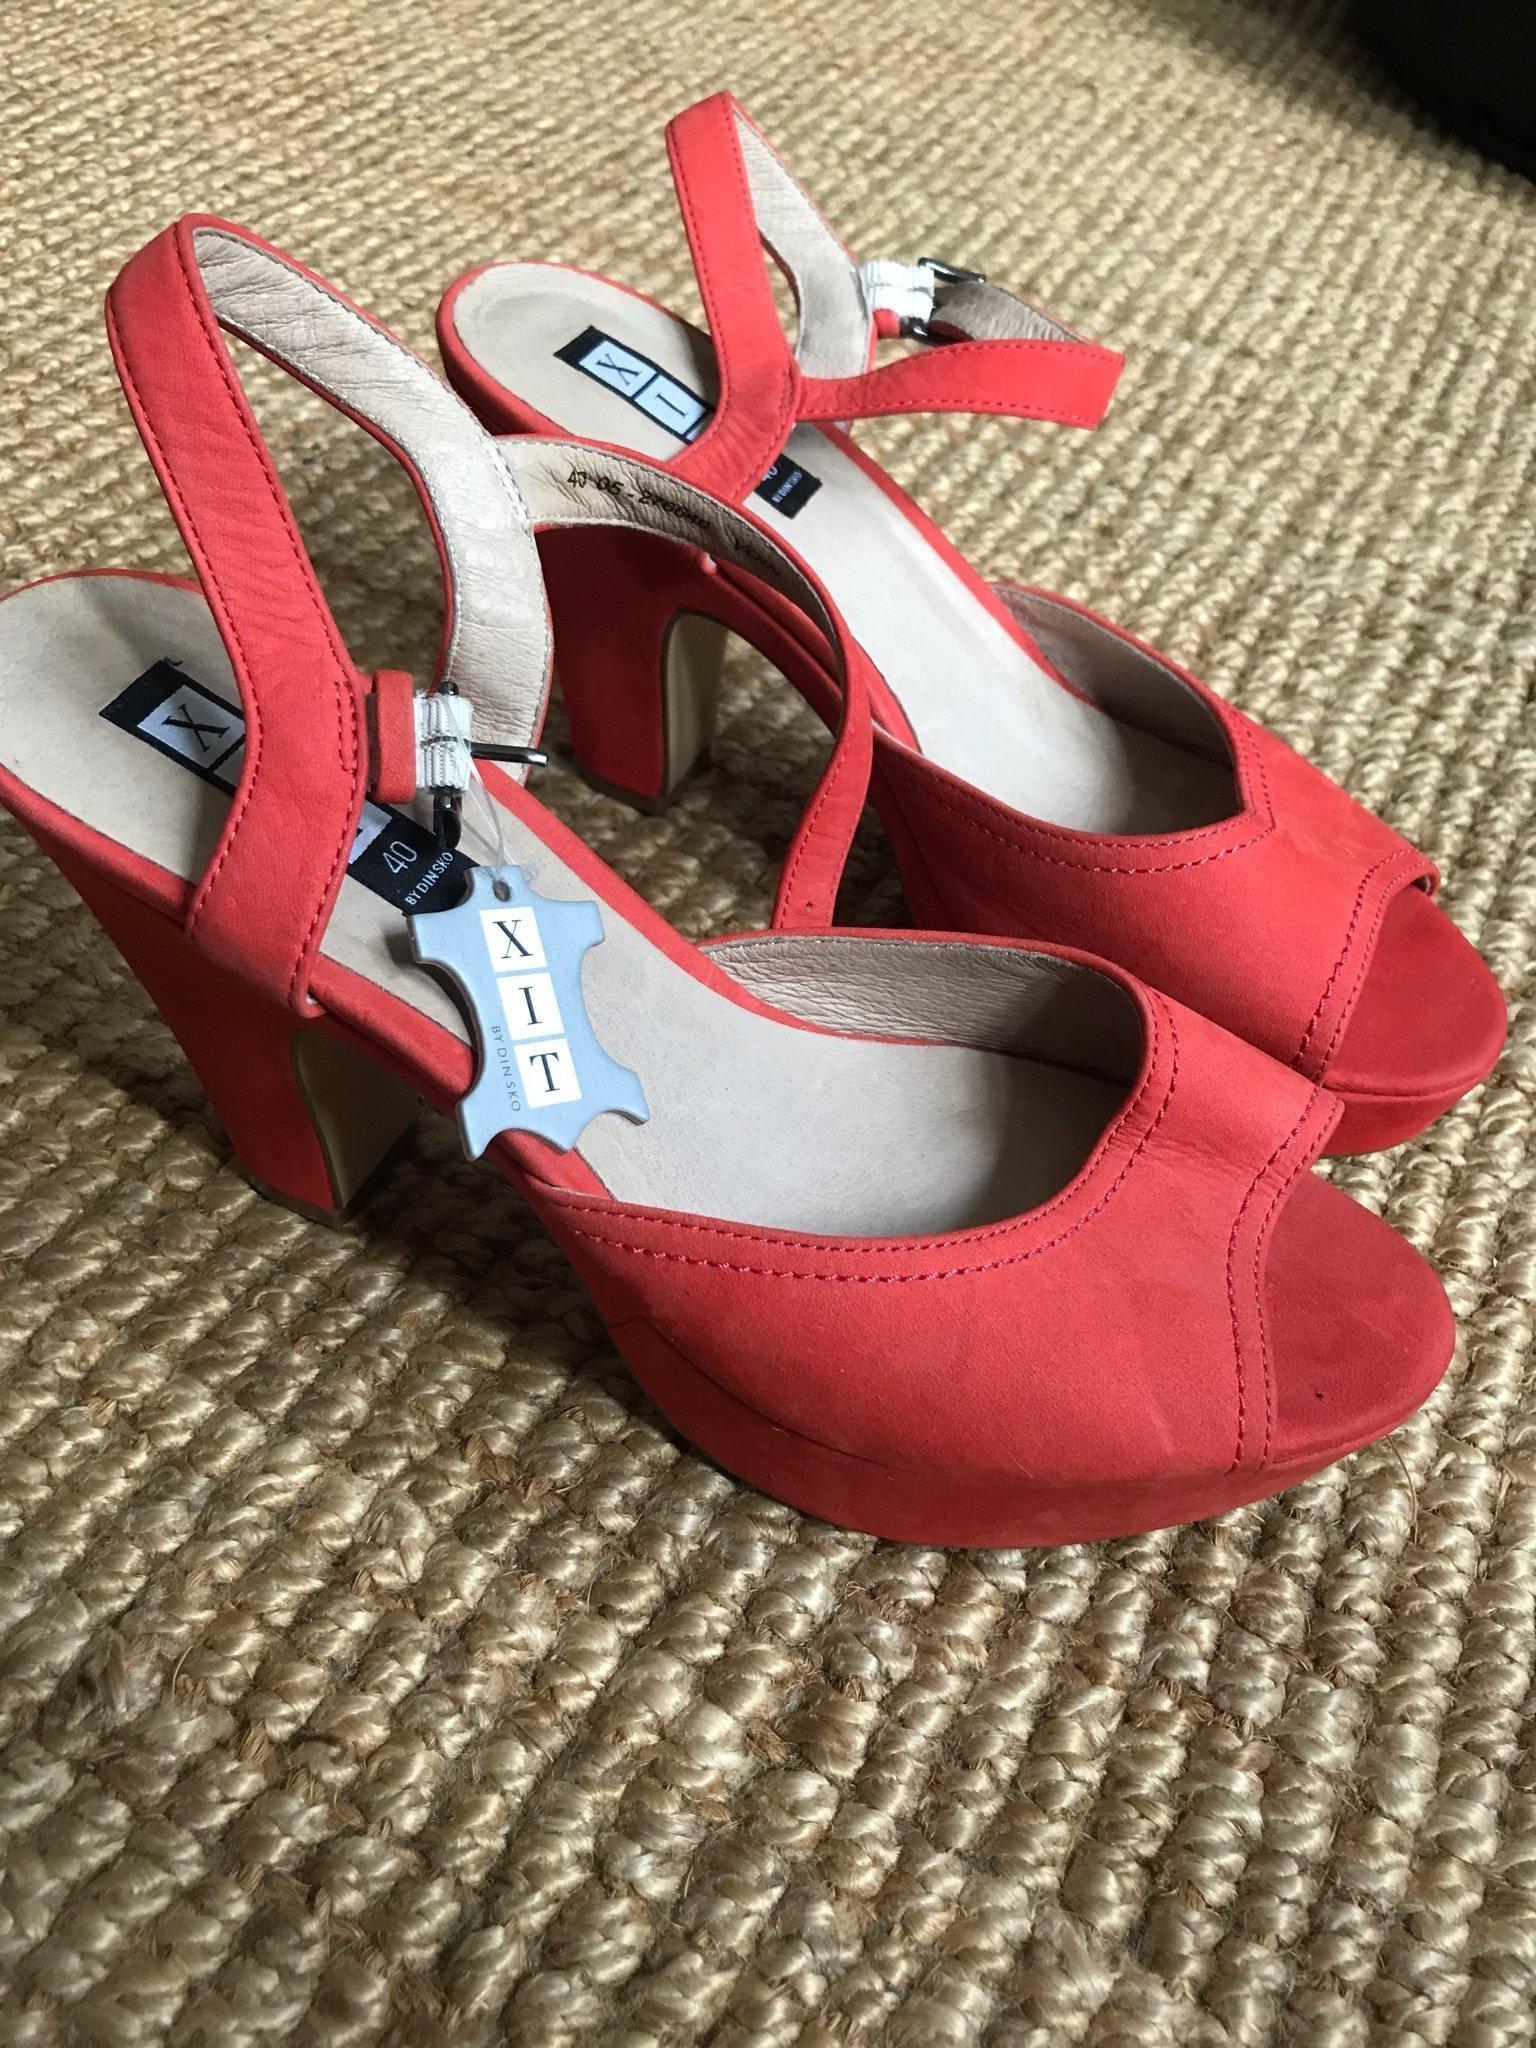 276a1aed4d7 Skor sandal sandalett röda korall röd sommar kl.. (352354874) ᐈ Köp ...